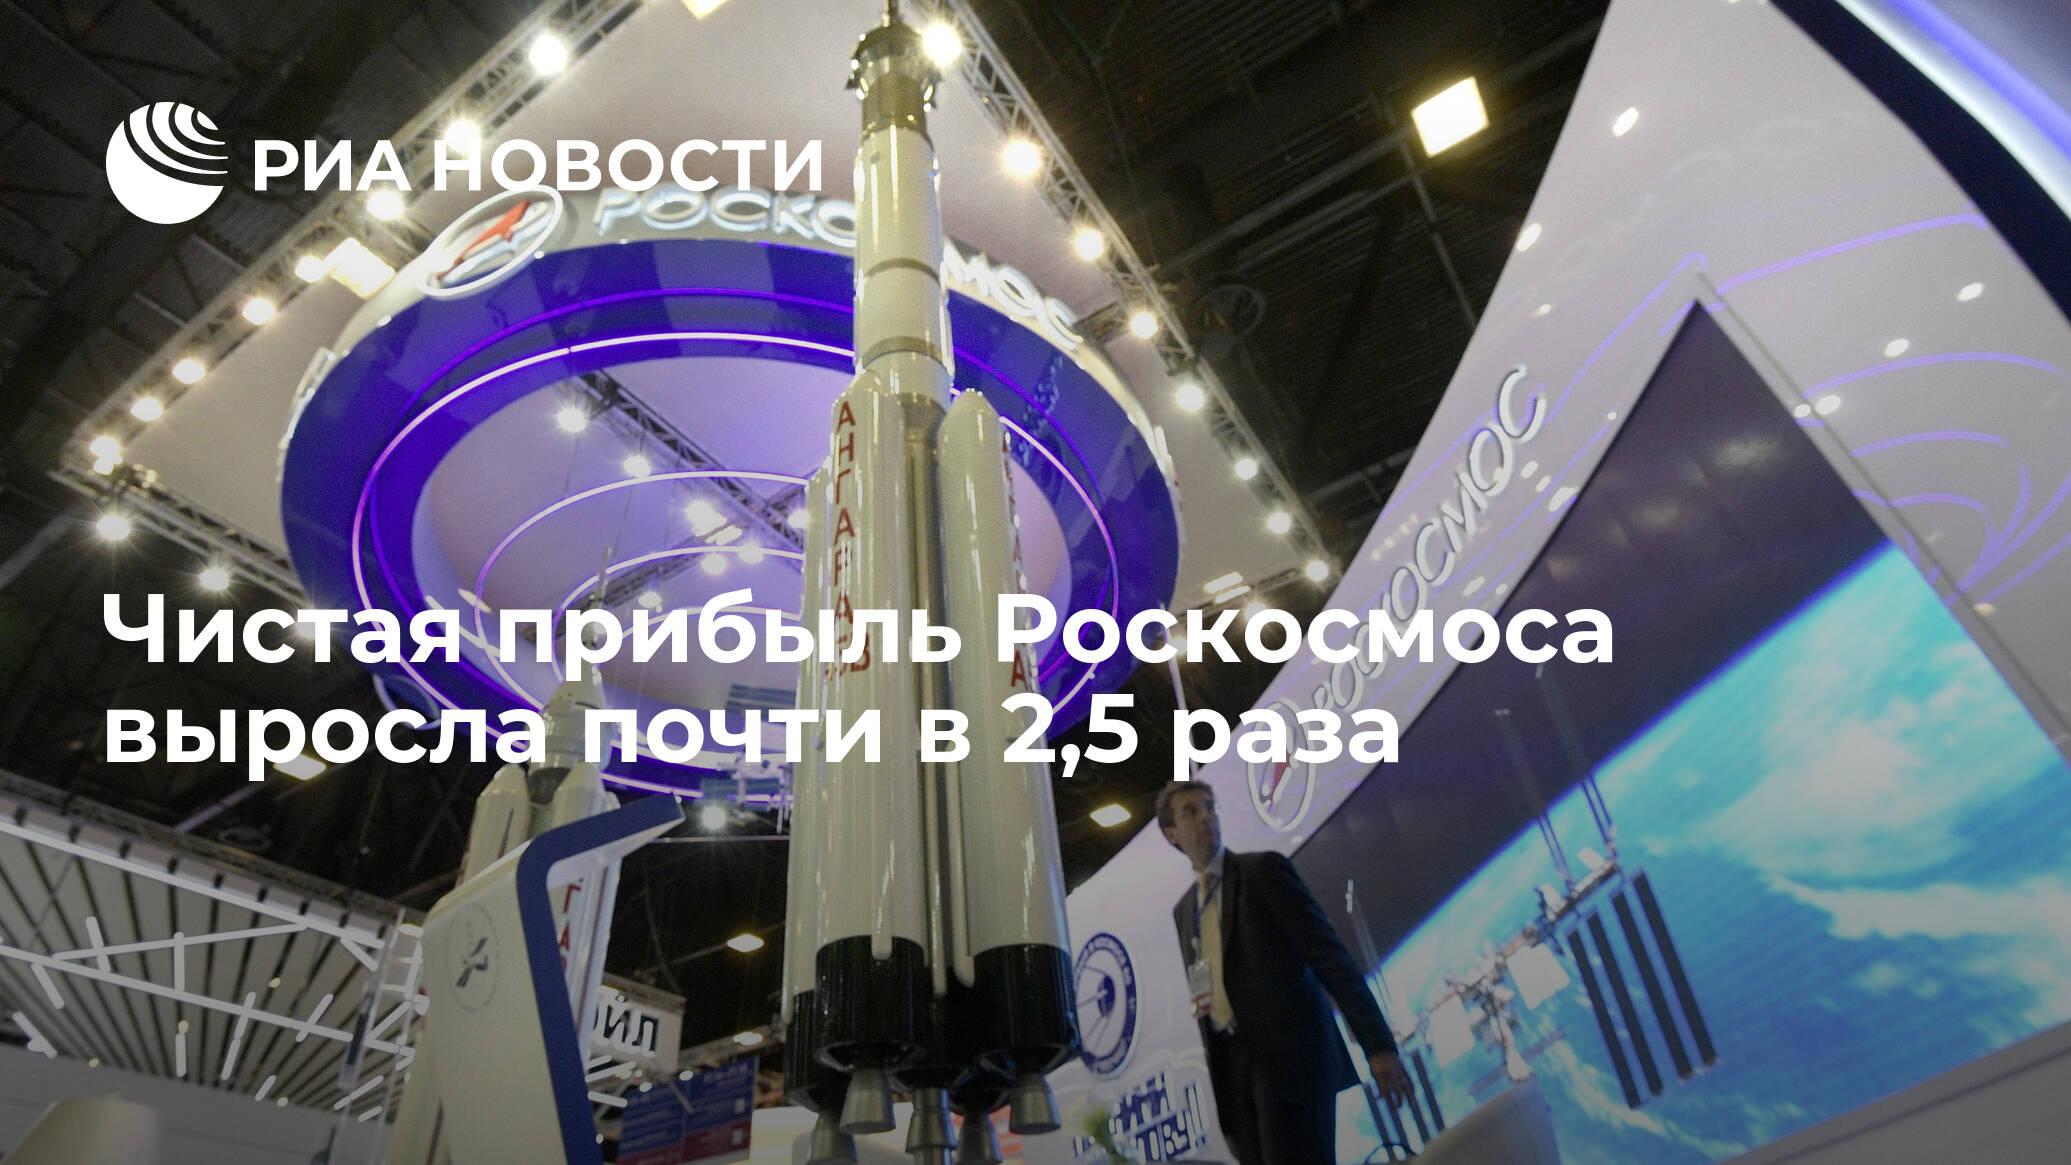 https://ria.ru/20190813/1557457429.html